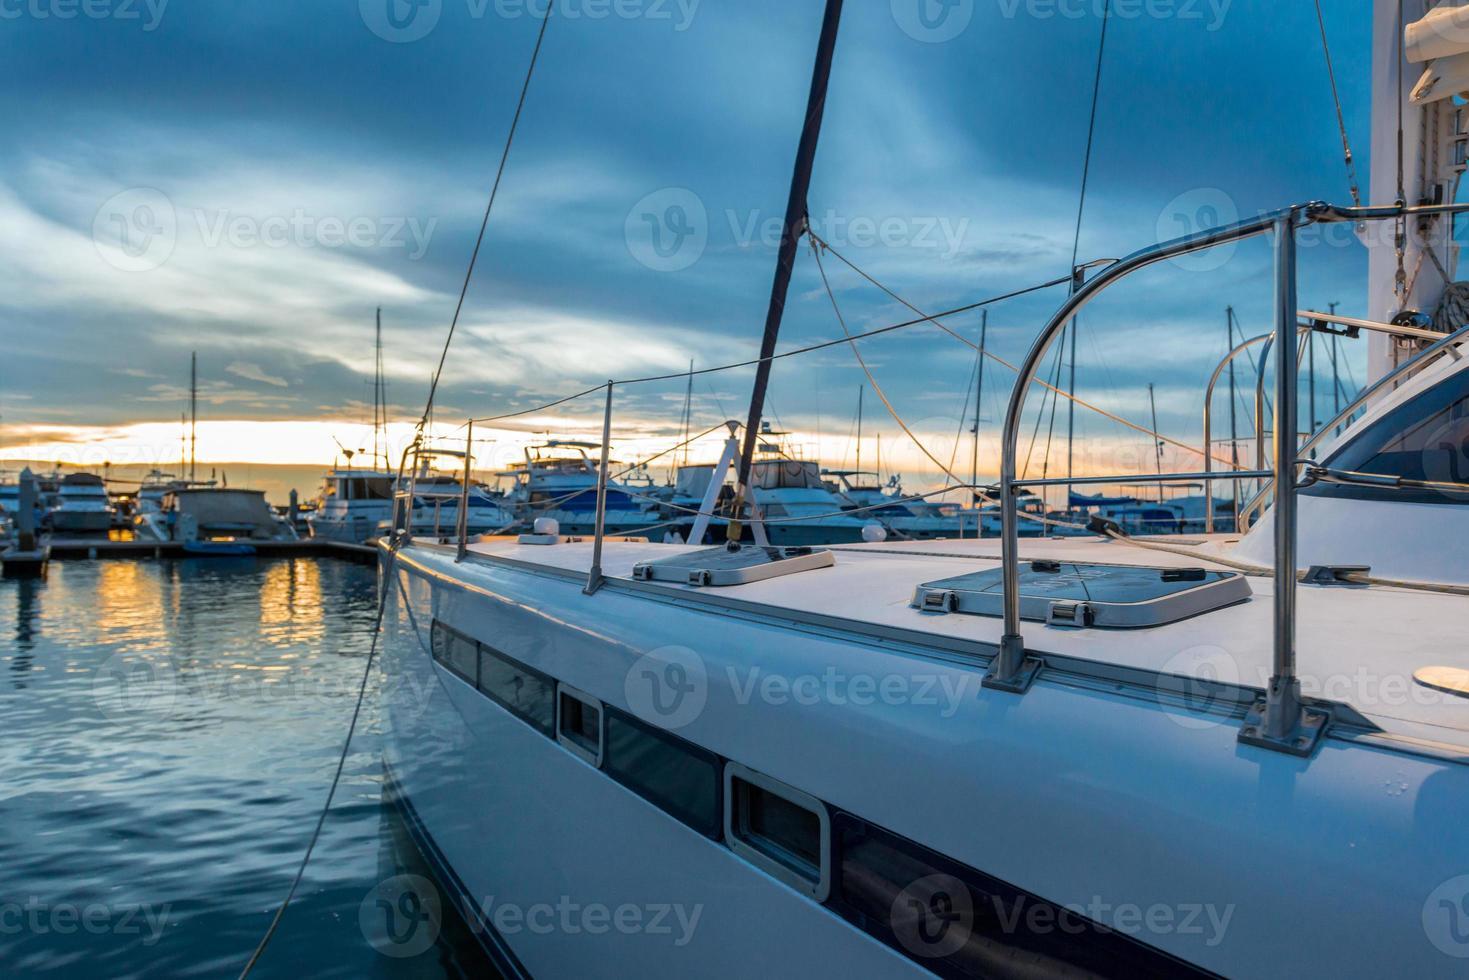 tomt katamaran yacht däck seglar på havet foto